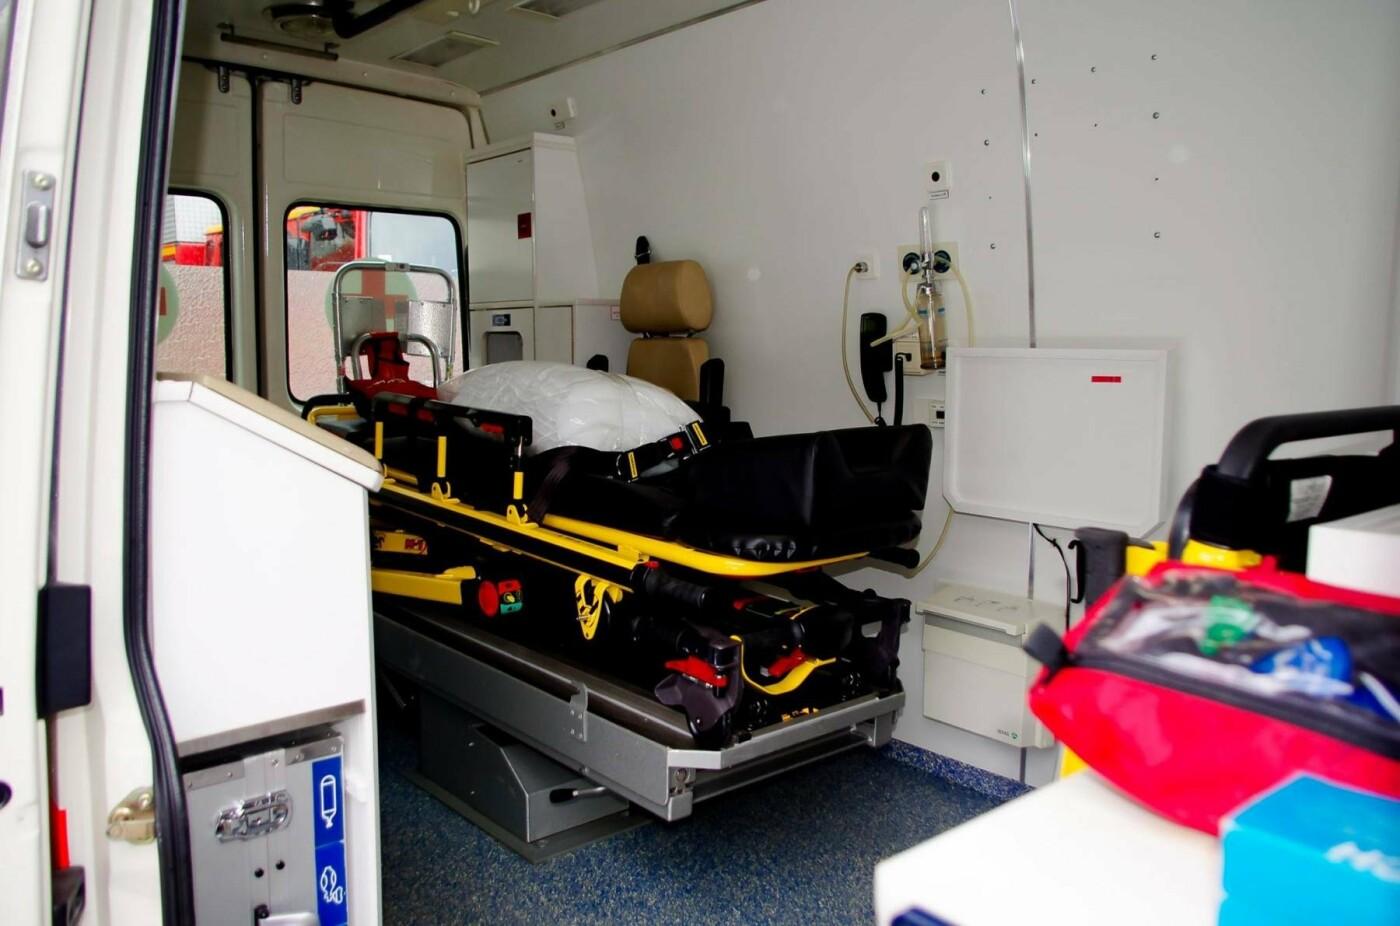 Міські рятувальники отримали сучасний реанімобіль. ФОТО, фото-3